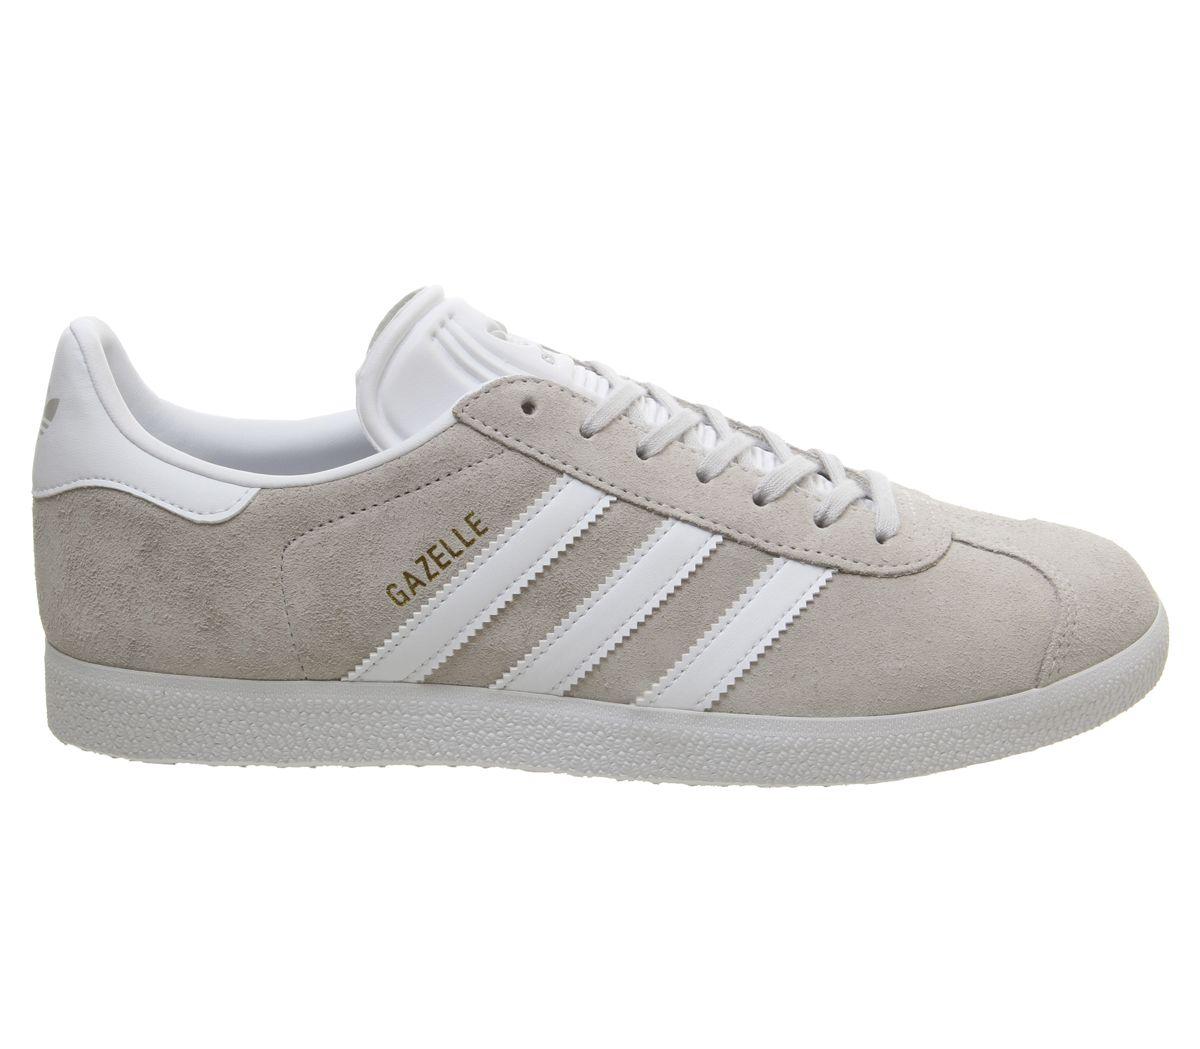 size 40 06d0a 5cbf9 SENTINELLE Hommes Adidas Gazelle formateurs nuage gris or blanc métallique  formateurs chaussures